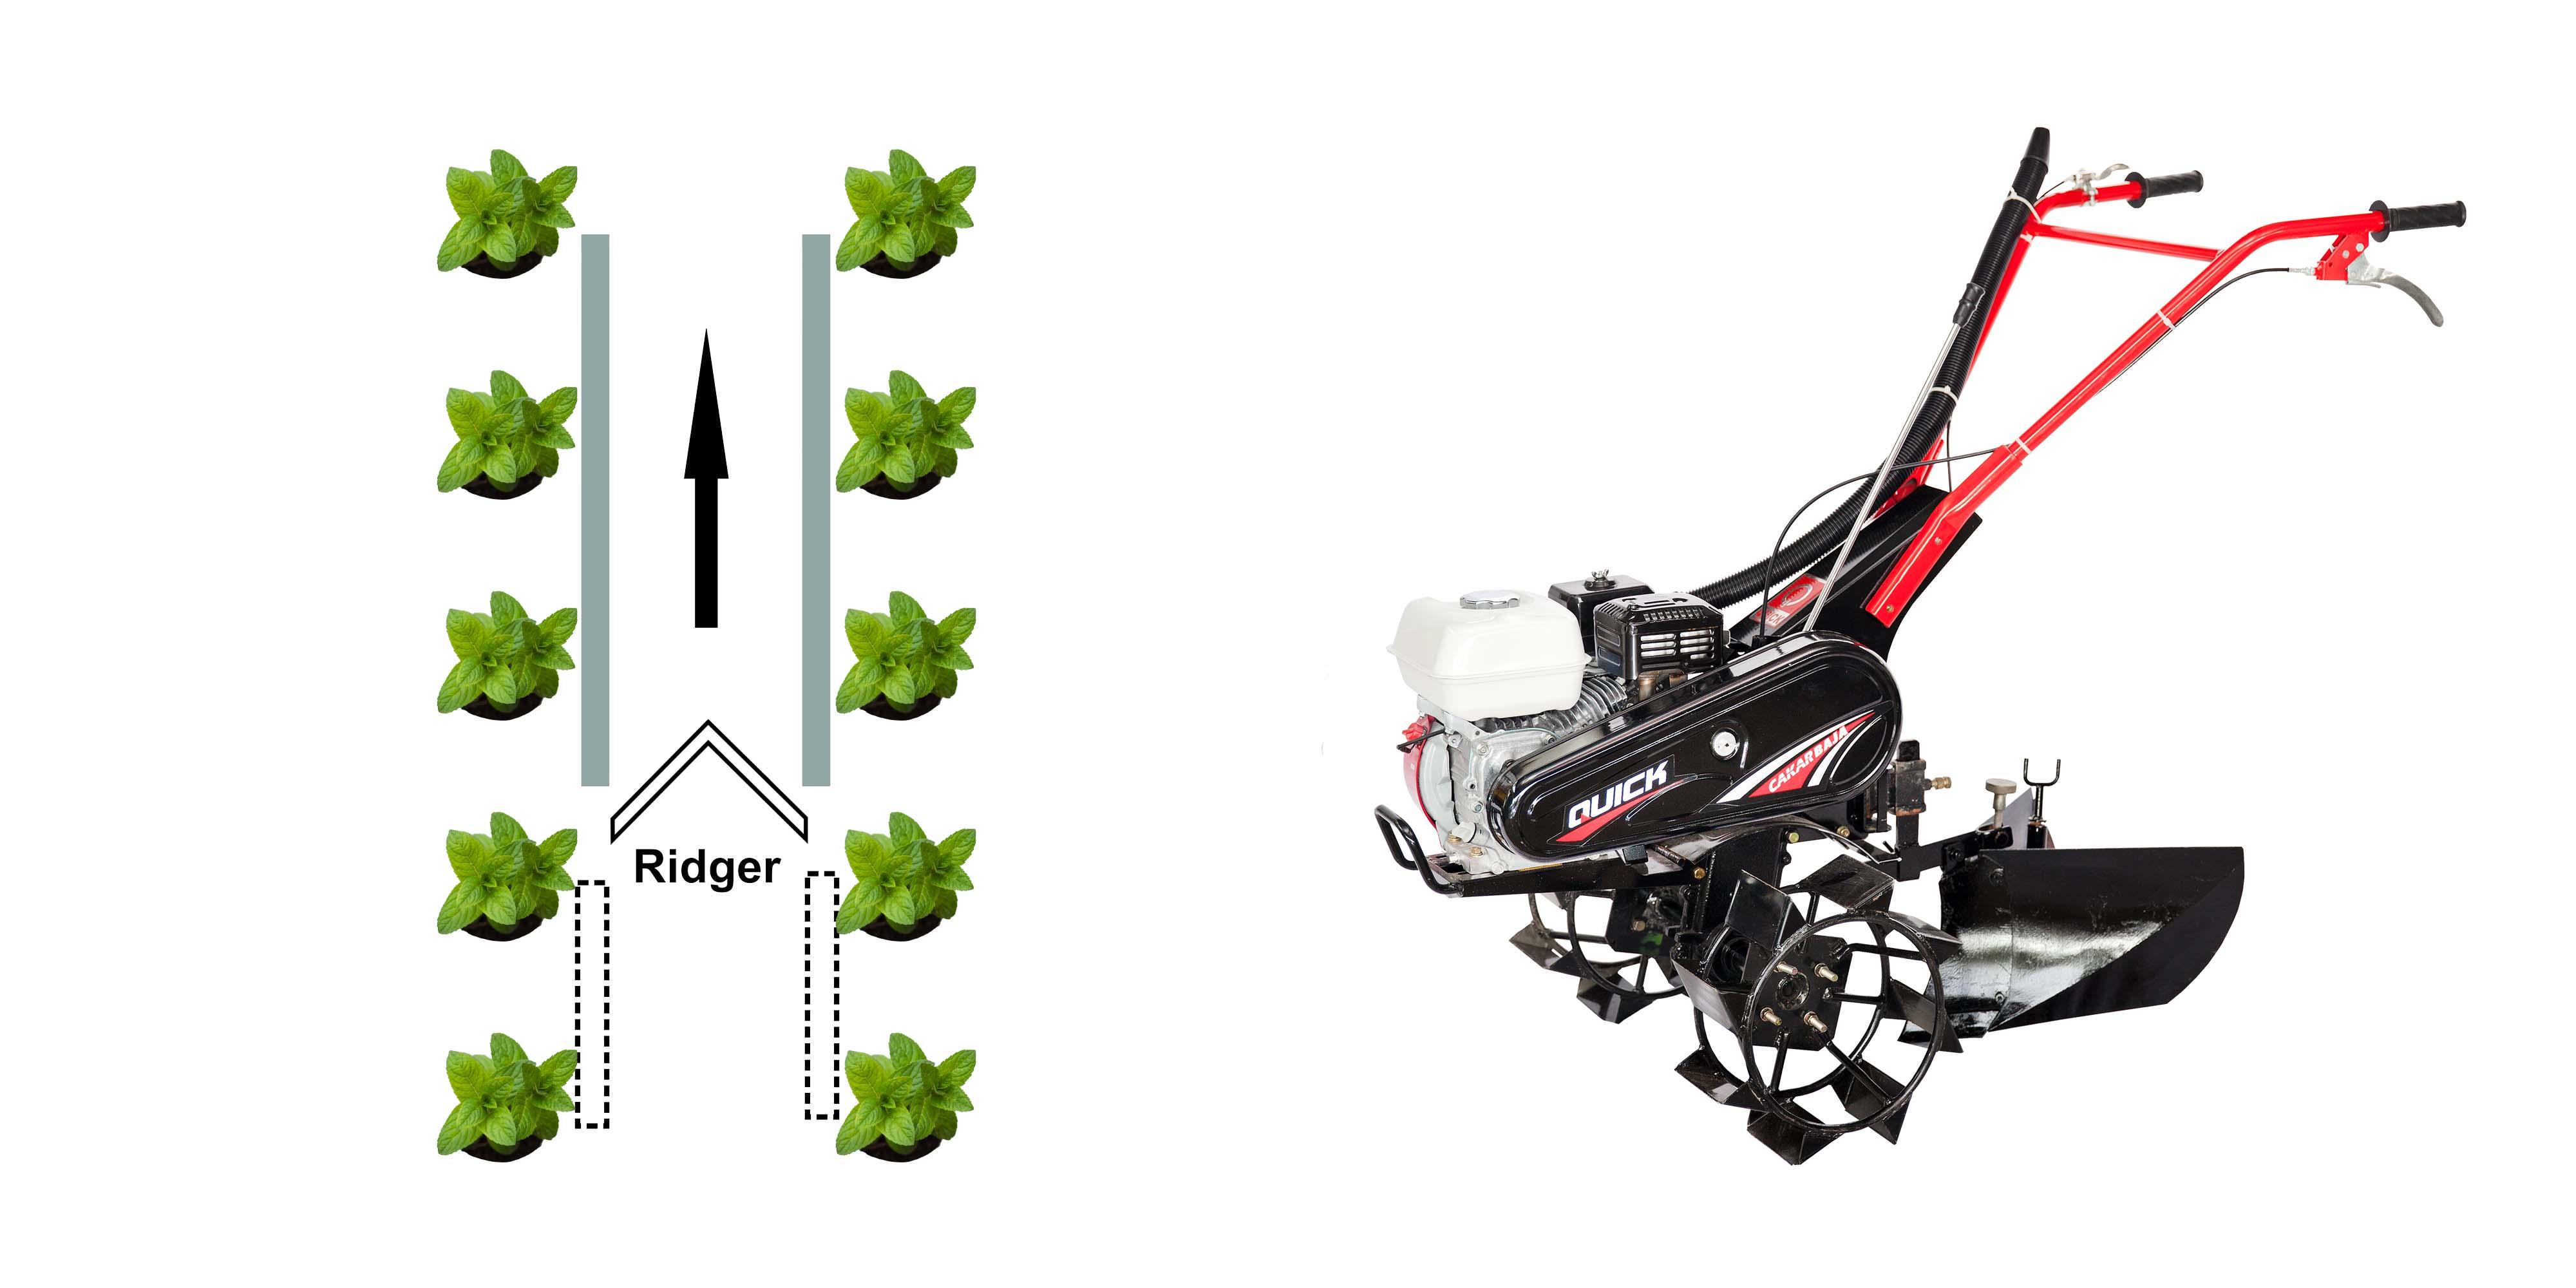 Gambar Denah Penutupan Pupuk dengan Ridger